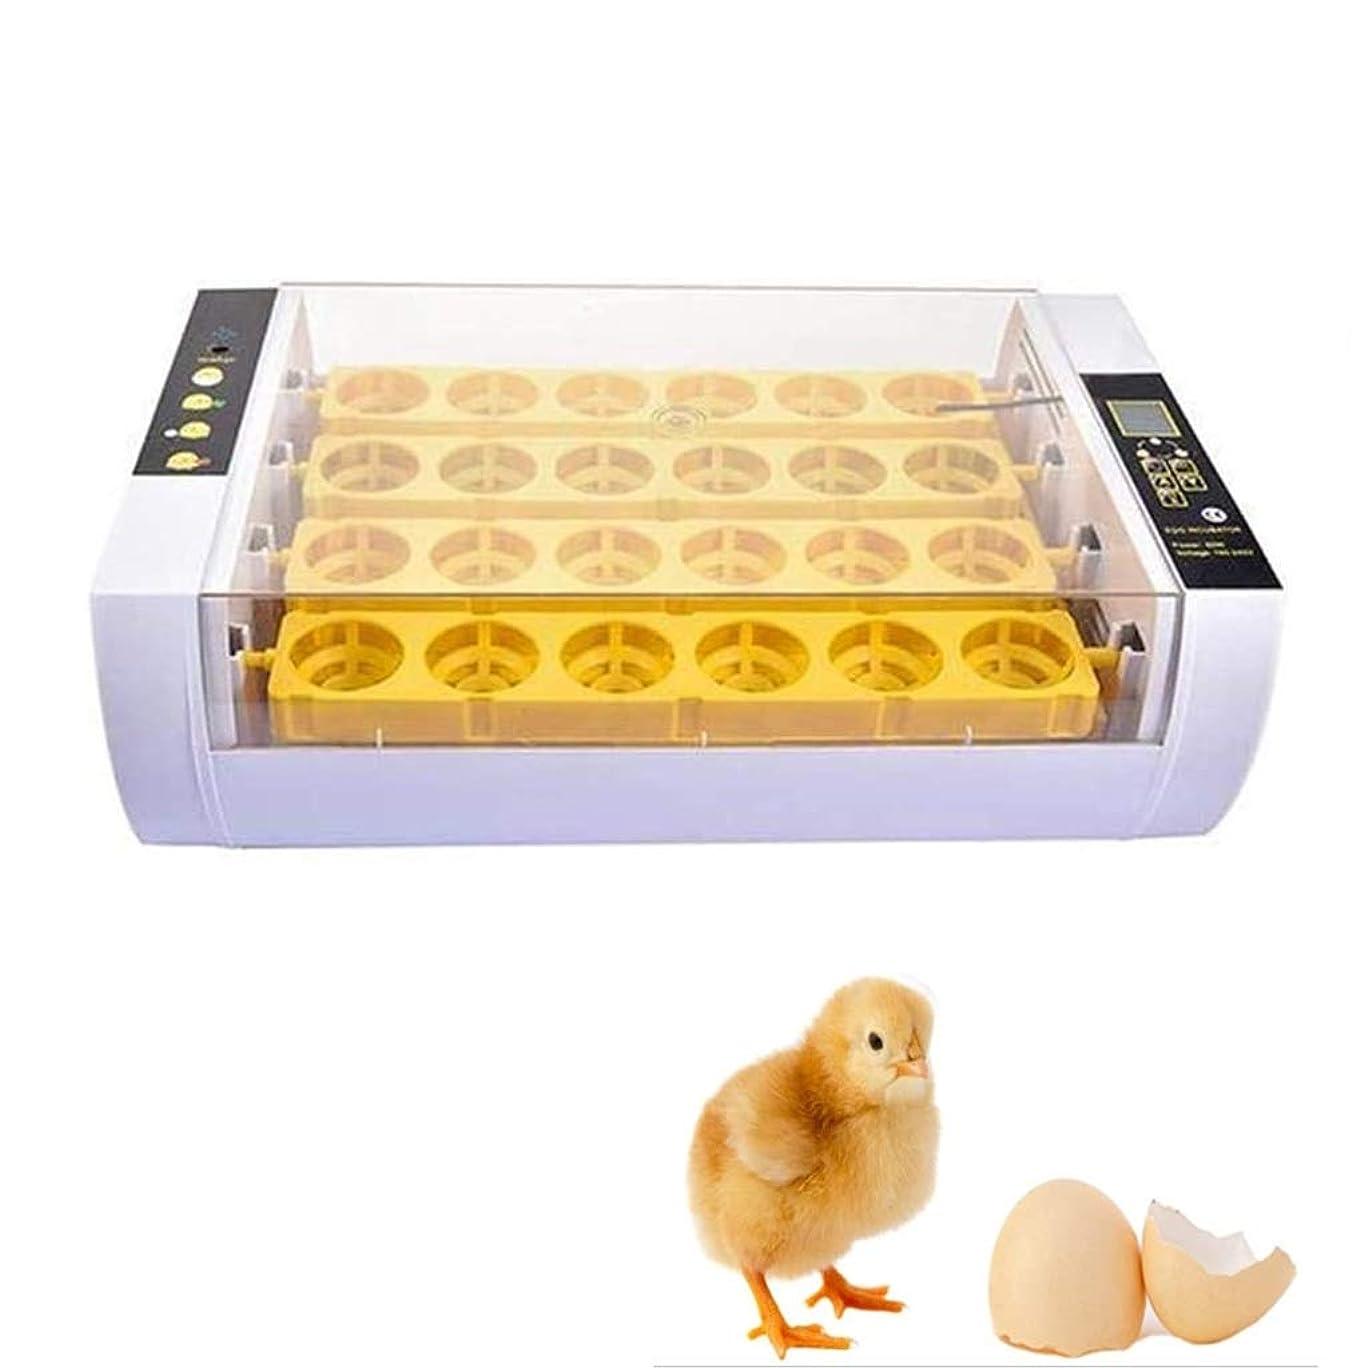 背骨南東腫瘍自動孵卵器 インキュベーター 孵卵機 恒温器 24卵インキュベーター自動回すとアヒル鳥鶏卵用孵化温湿度制御家禽ハッチャーツール卵ハッチャー